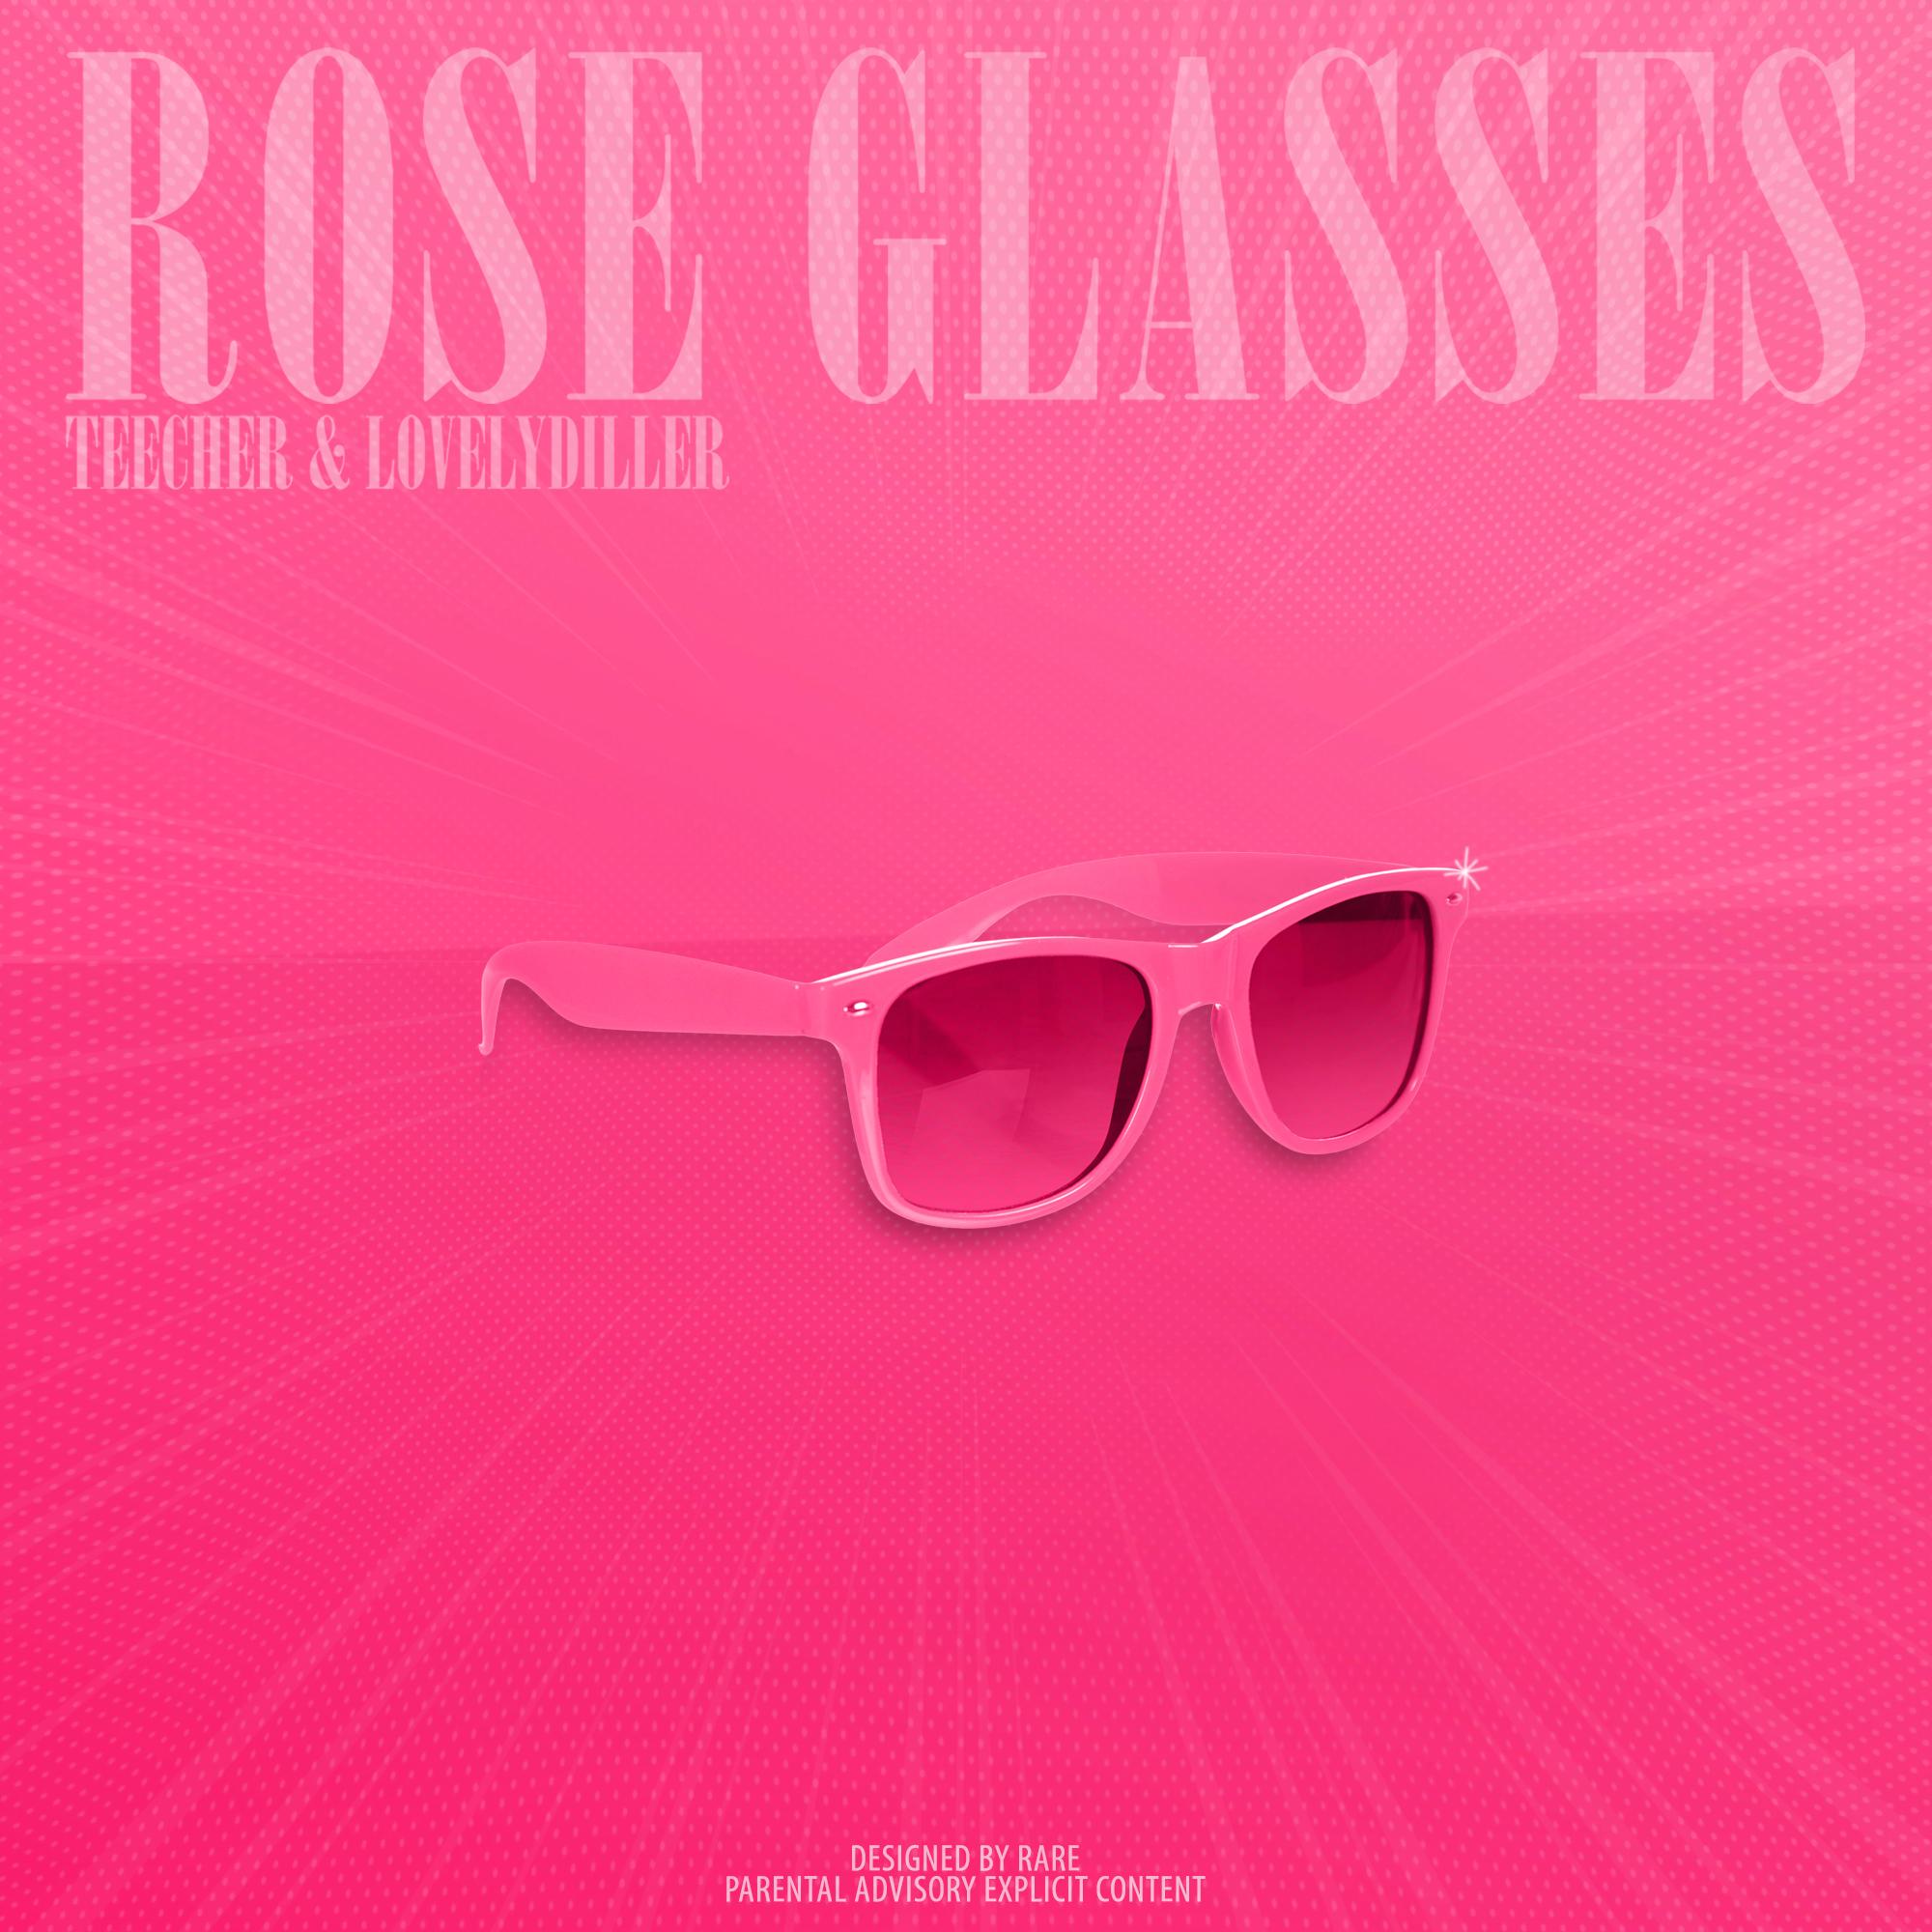 Teecher & Lovelydiller – Rose Glasses